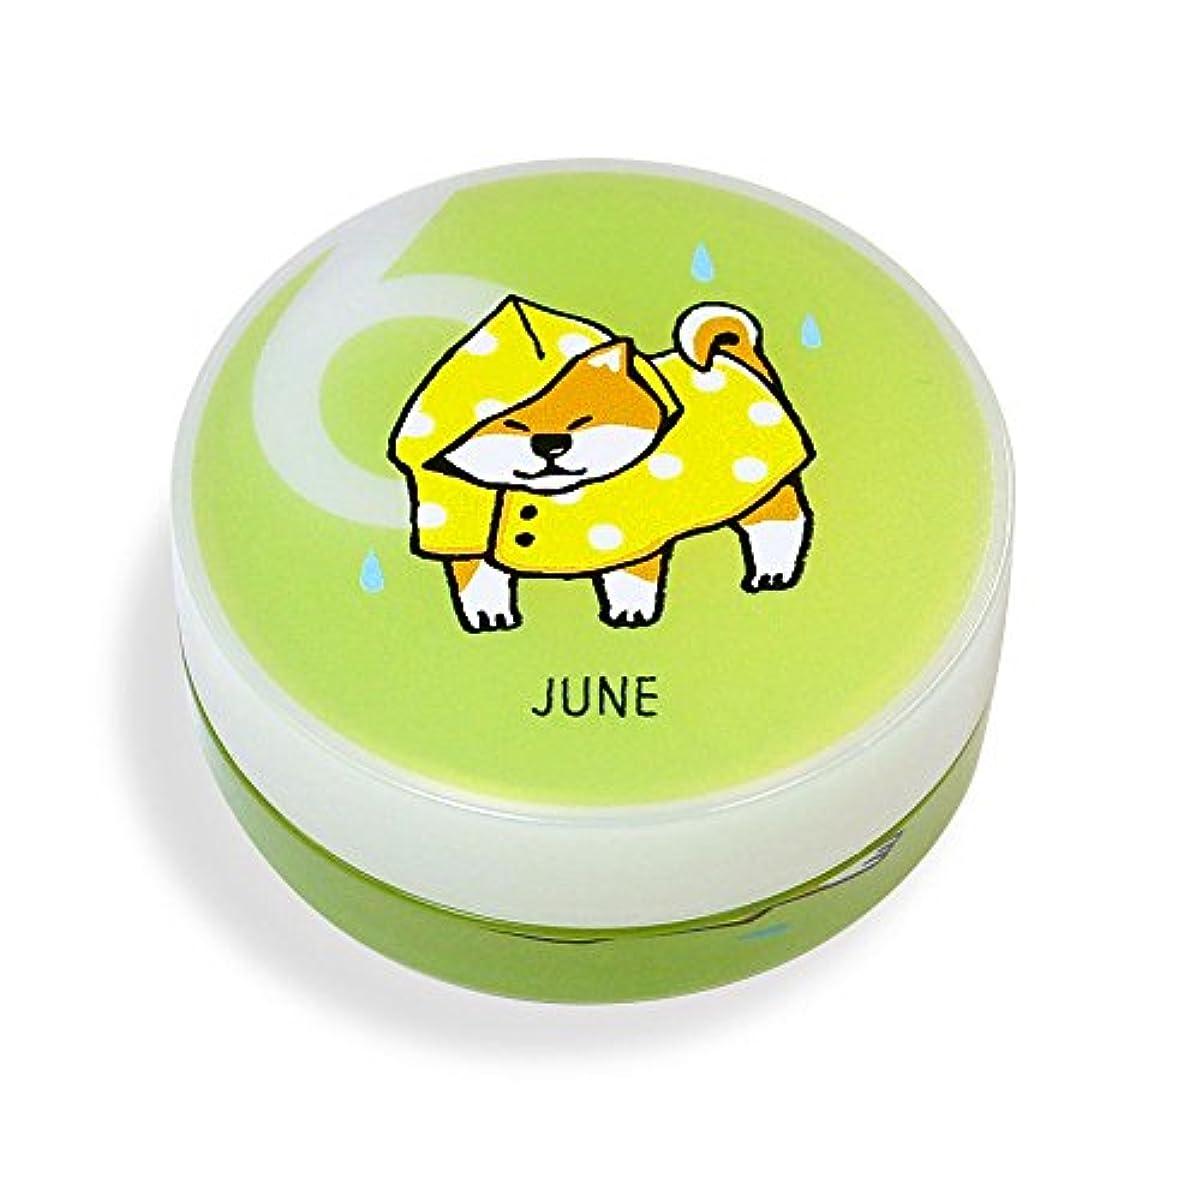 促進するサイクル何しばんばん フルプルクリーム 誕生月シリーズ 6月 20g